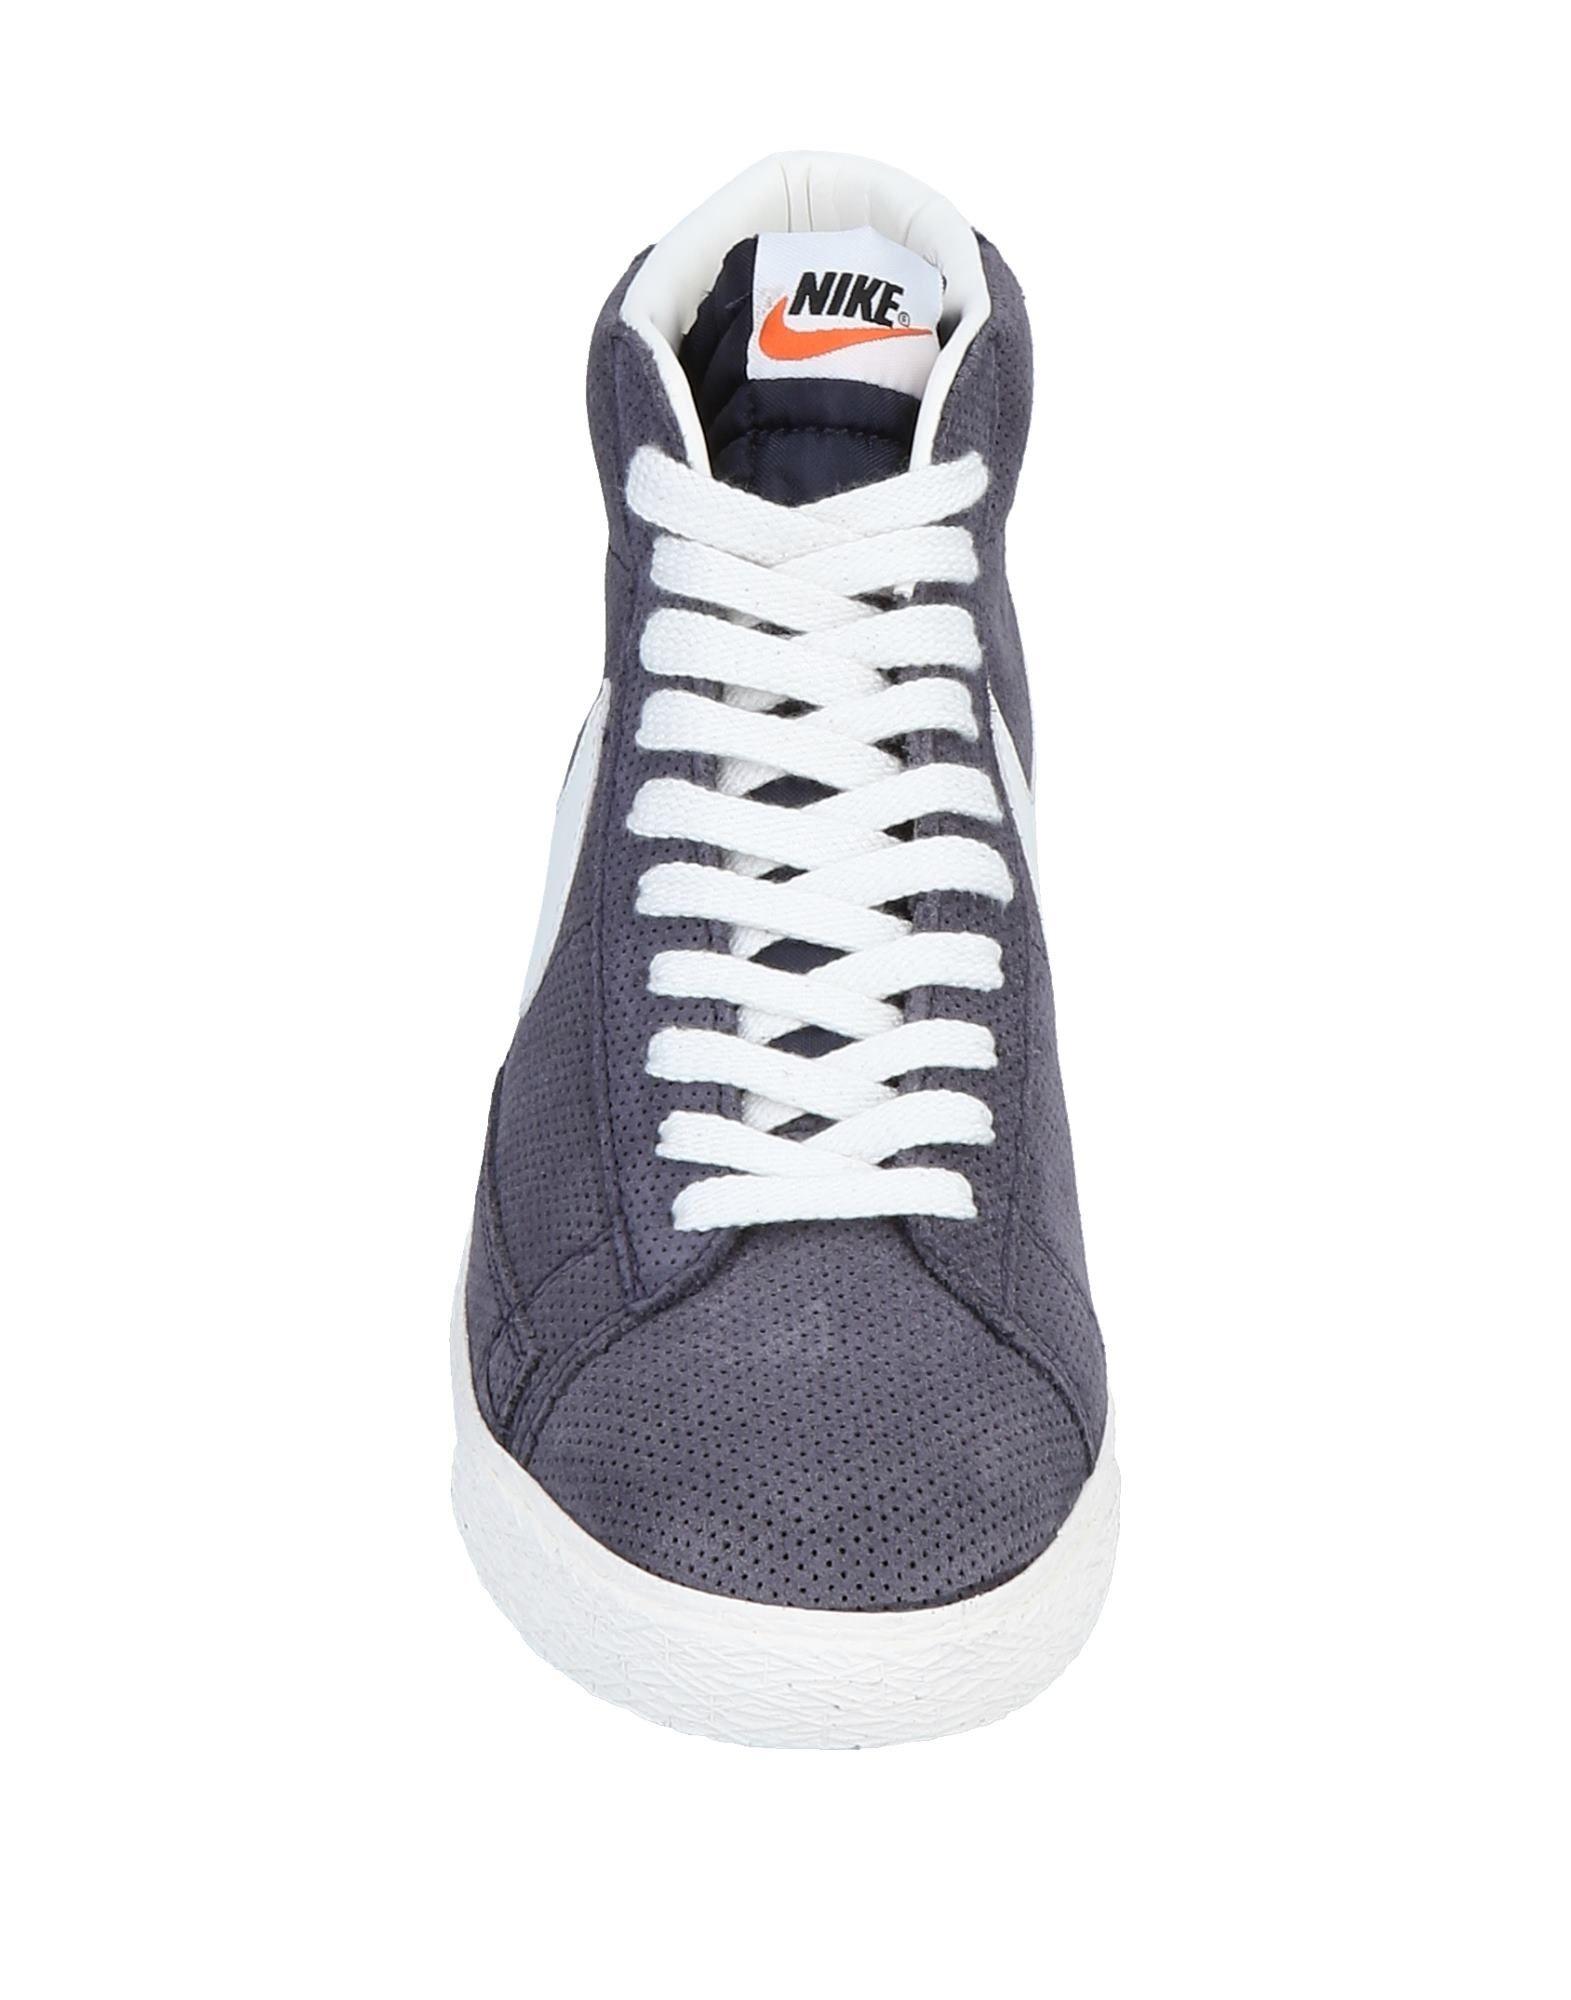 Rabatt Nike echte Schuhe Nike Rabatt Sneakers Herren  11572897DV 7131fa